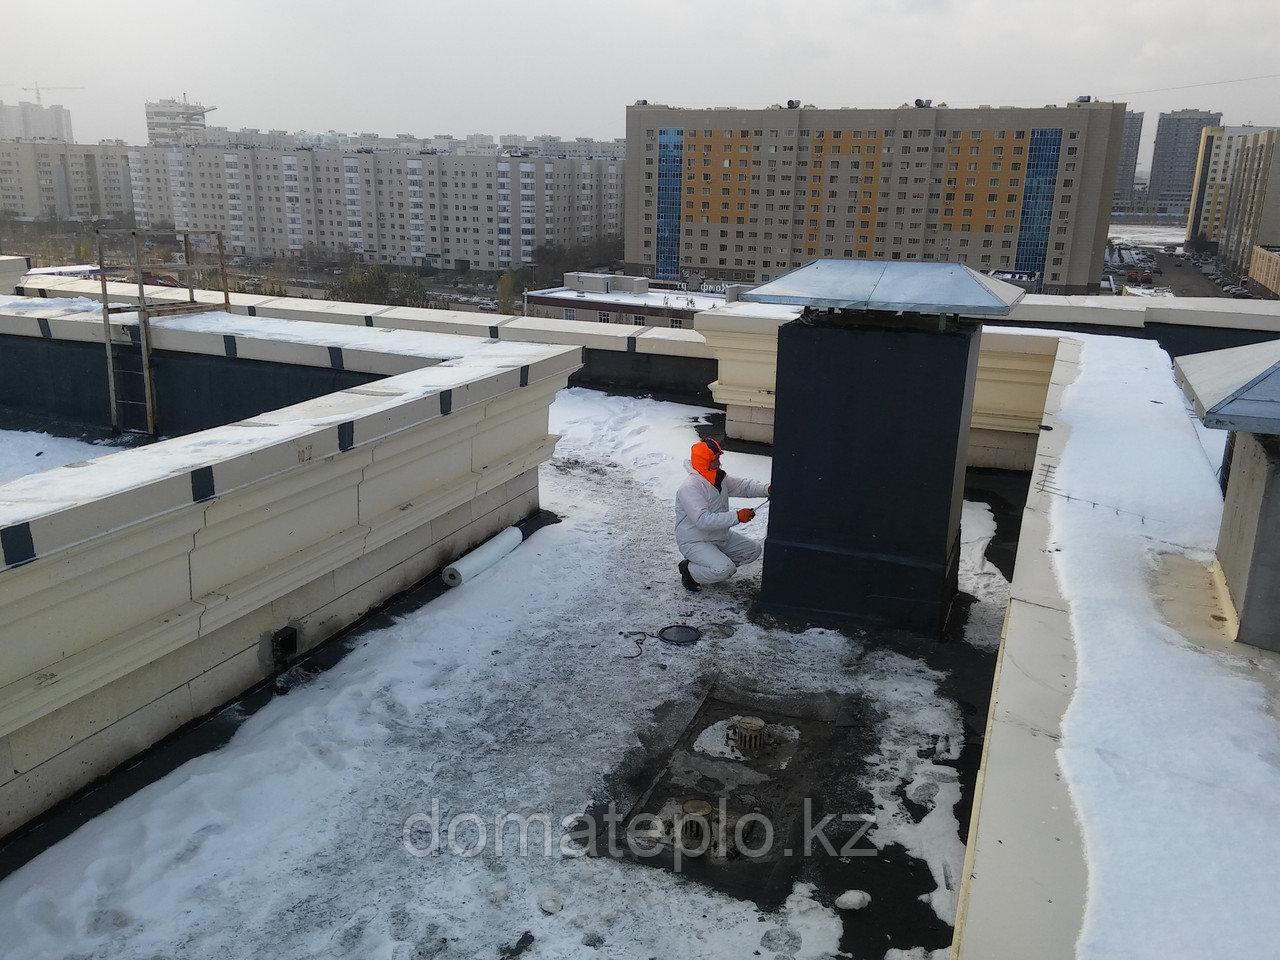 Гидроизоляция крыш зимой, звоните - мы Вам поможем